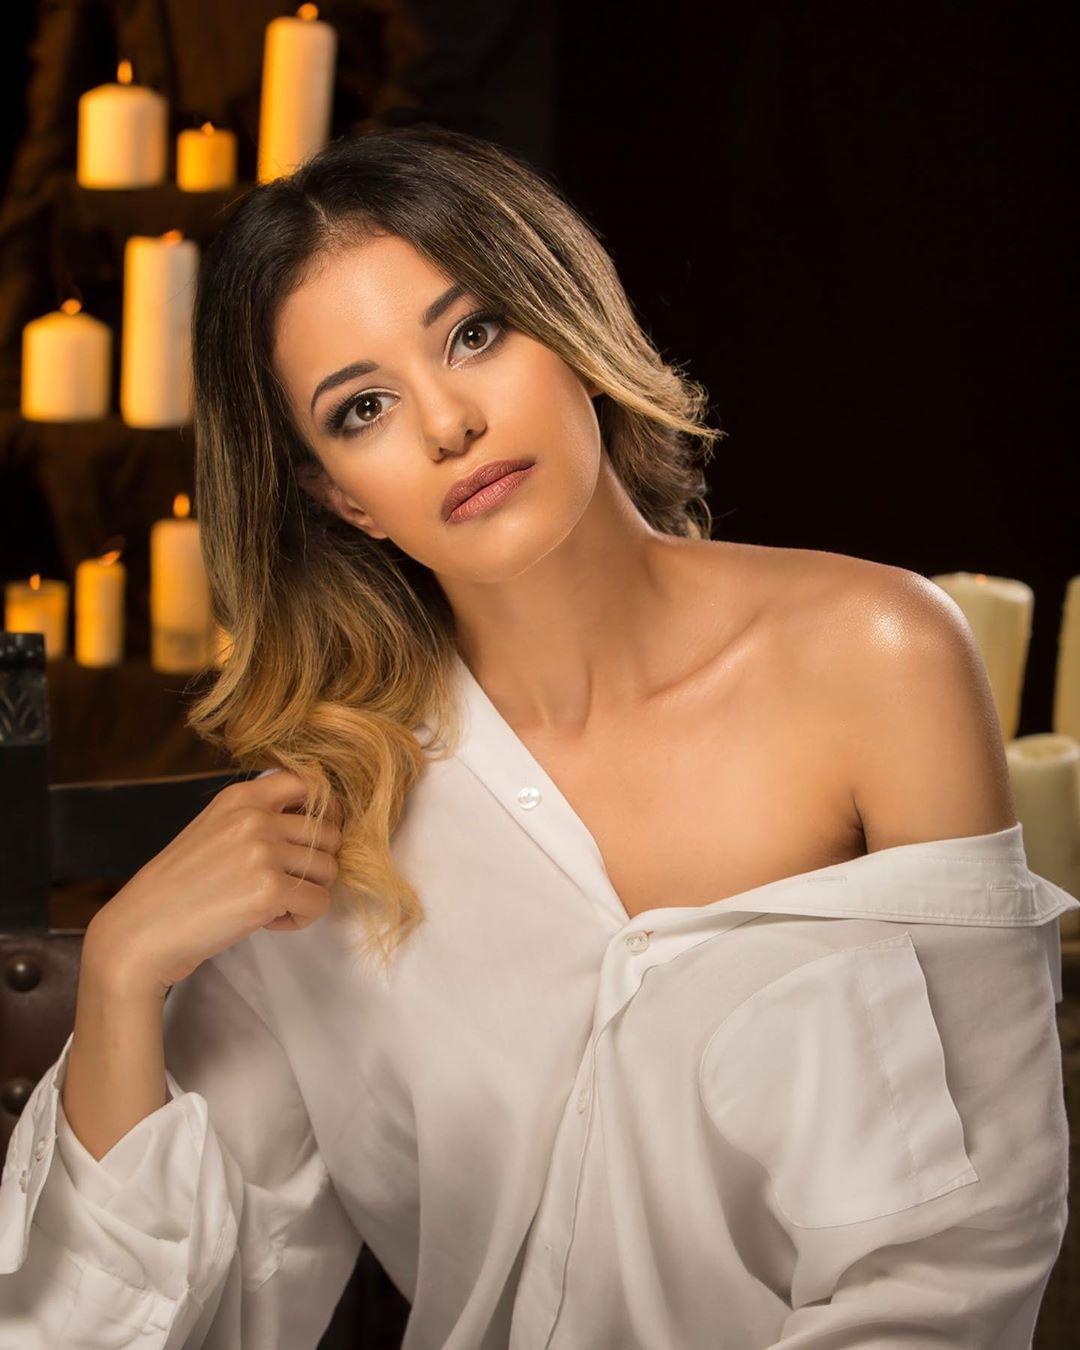 candidatas a miss supranational malta 2019. final: 12 oct. - Página 2 1S7pJ8